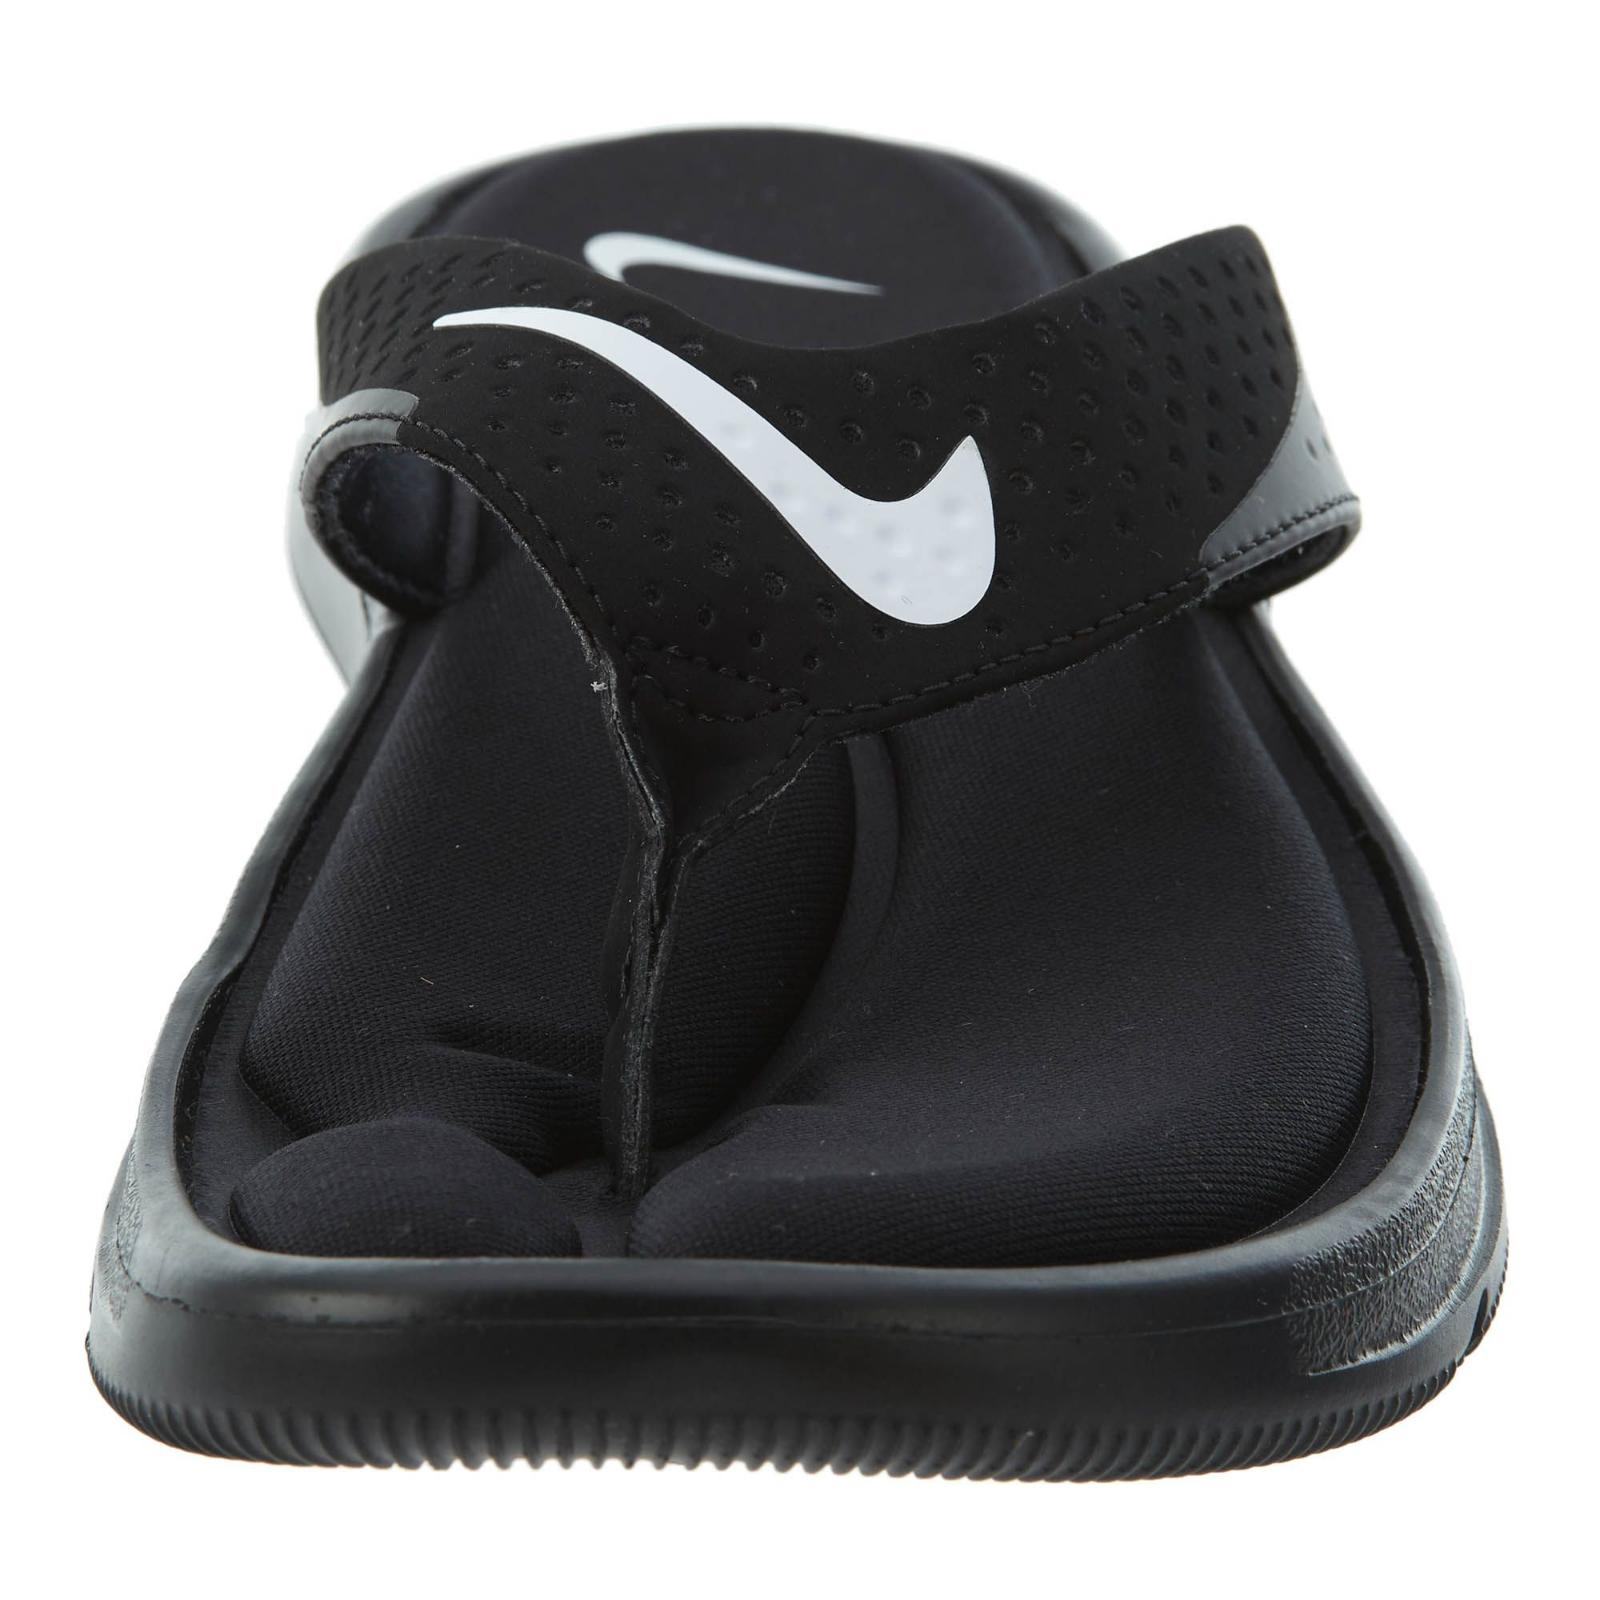 Nike Comfort Men's Flip Flops Sandals Black SZ